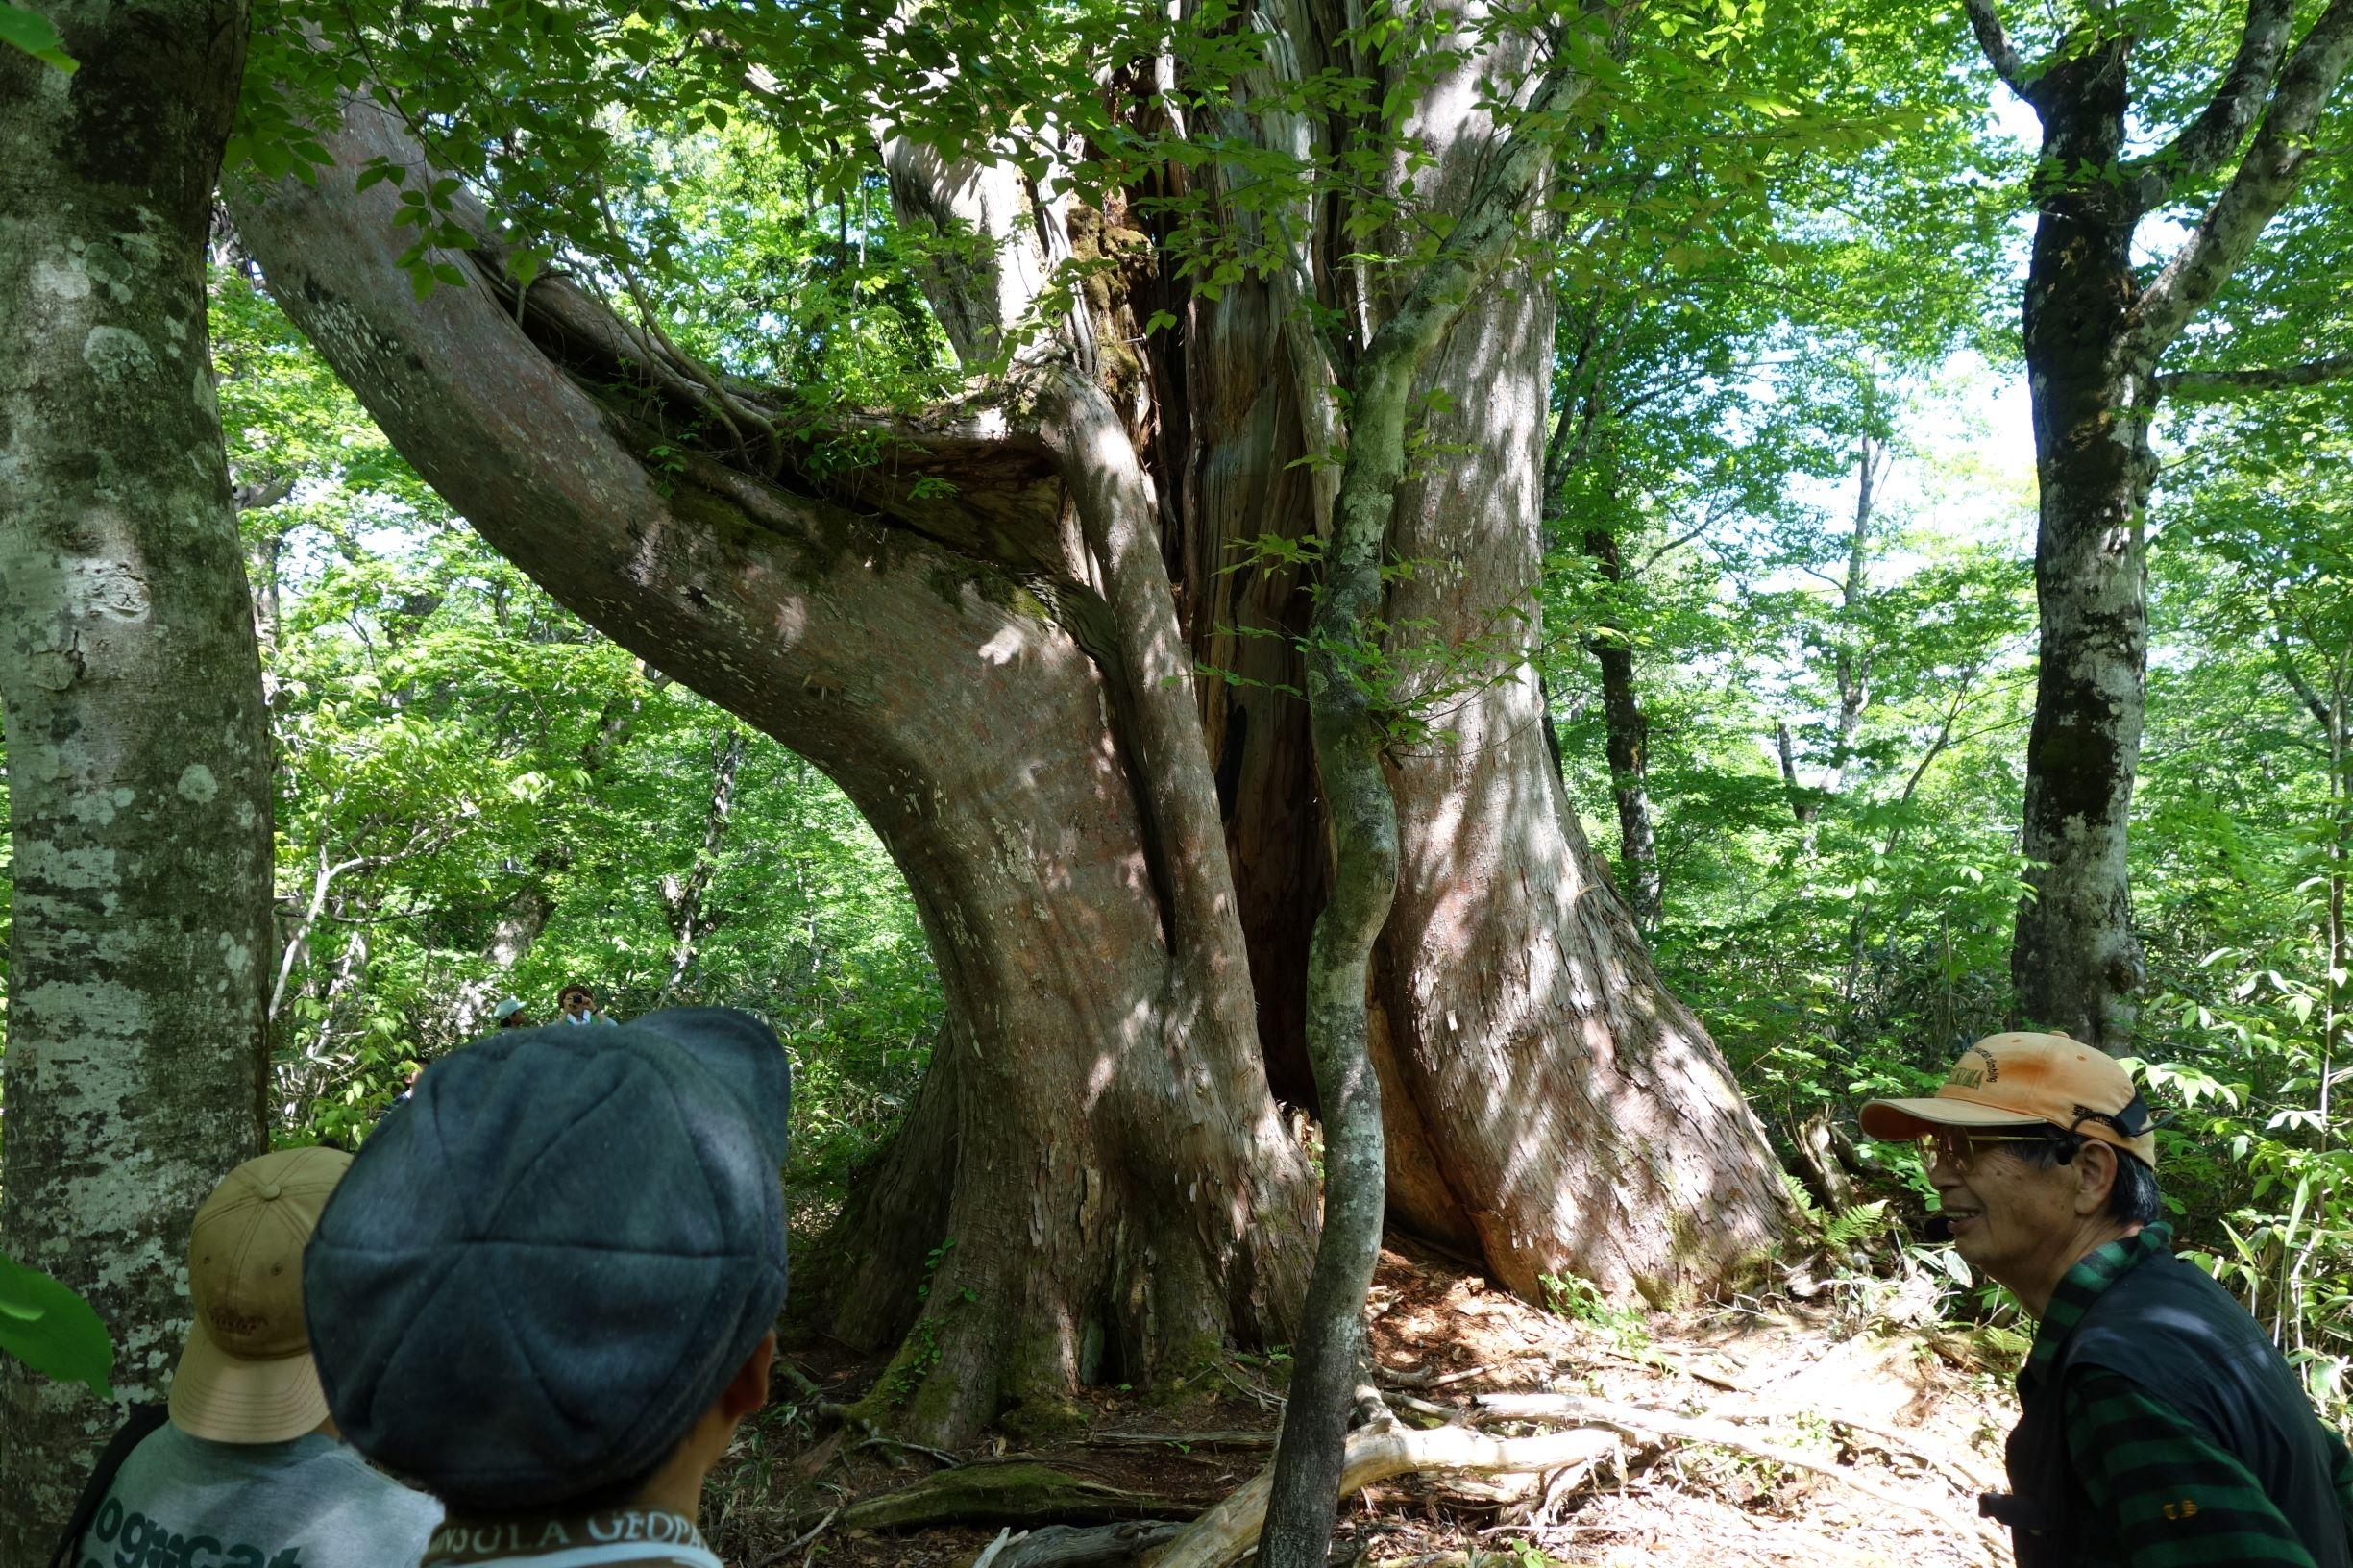 緑の旅人と歩く 新緑の仙台と世界谷地・千年くろべと 栗駒山麓ハイキング 3日間